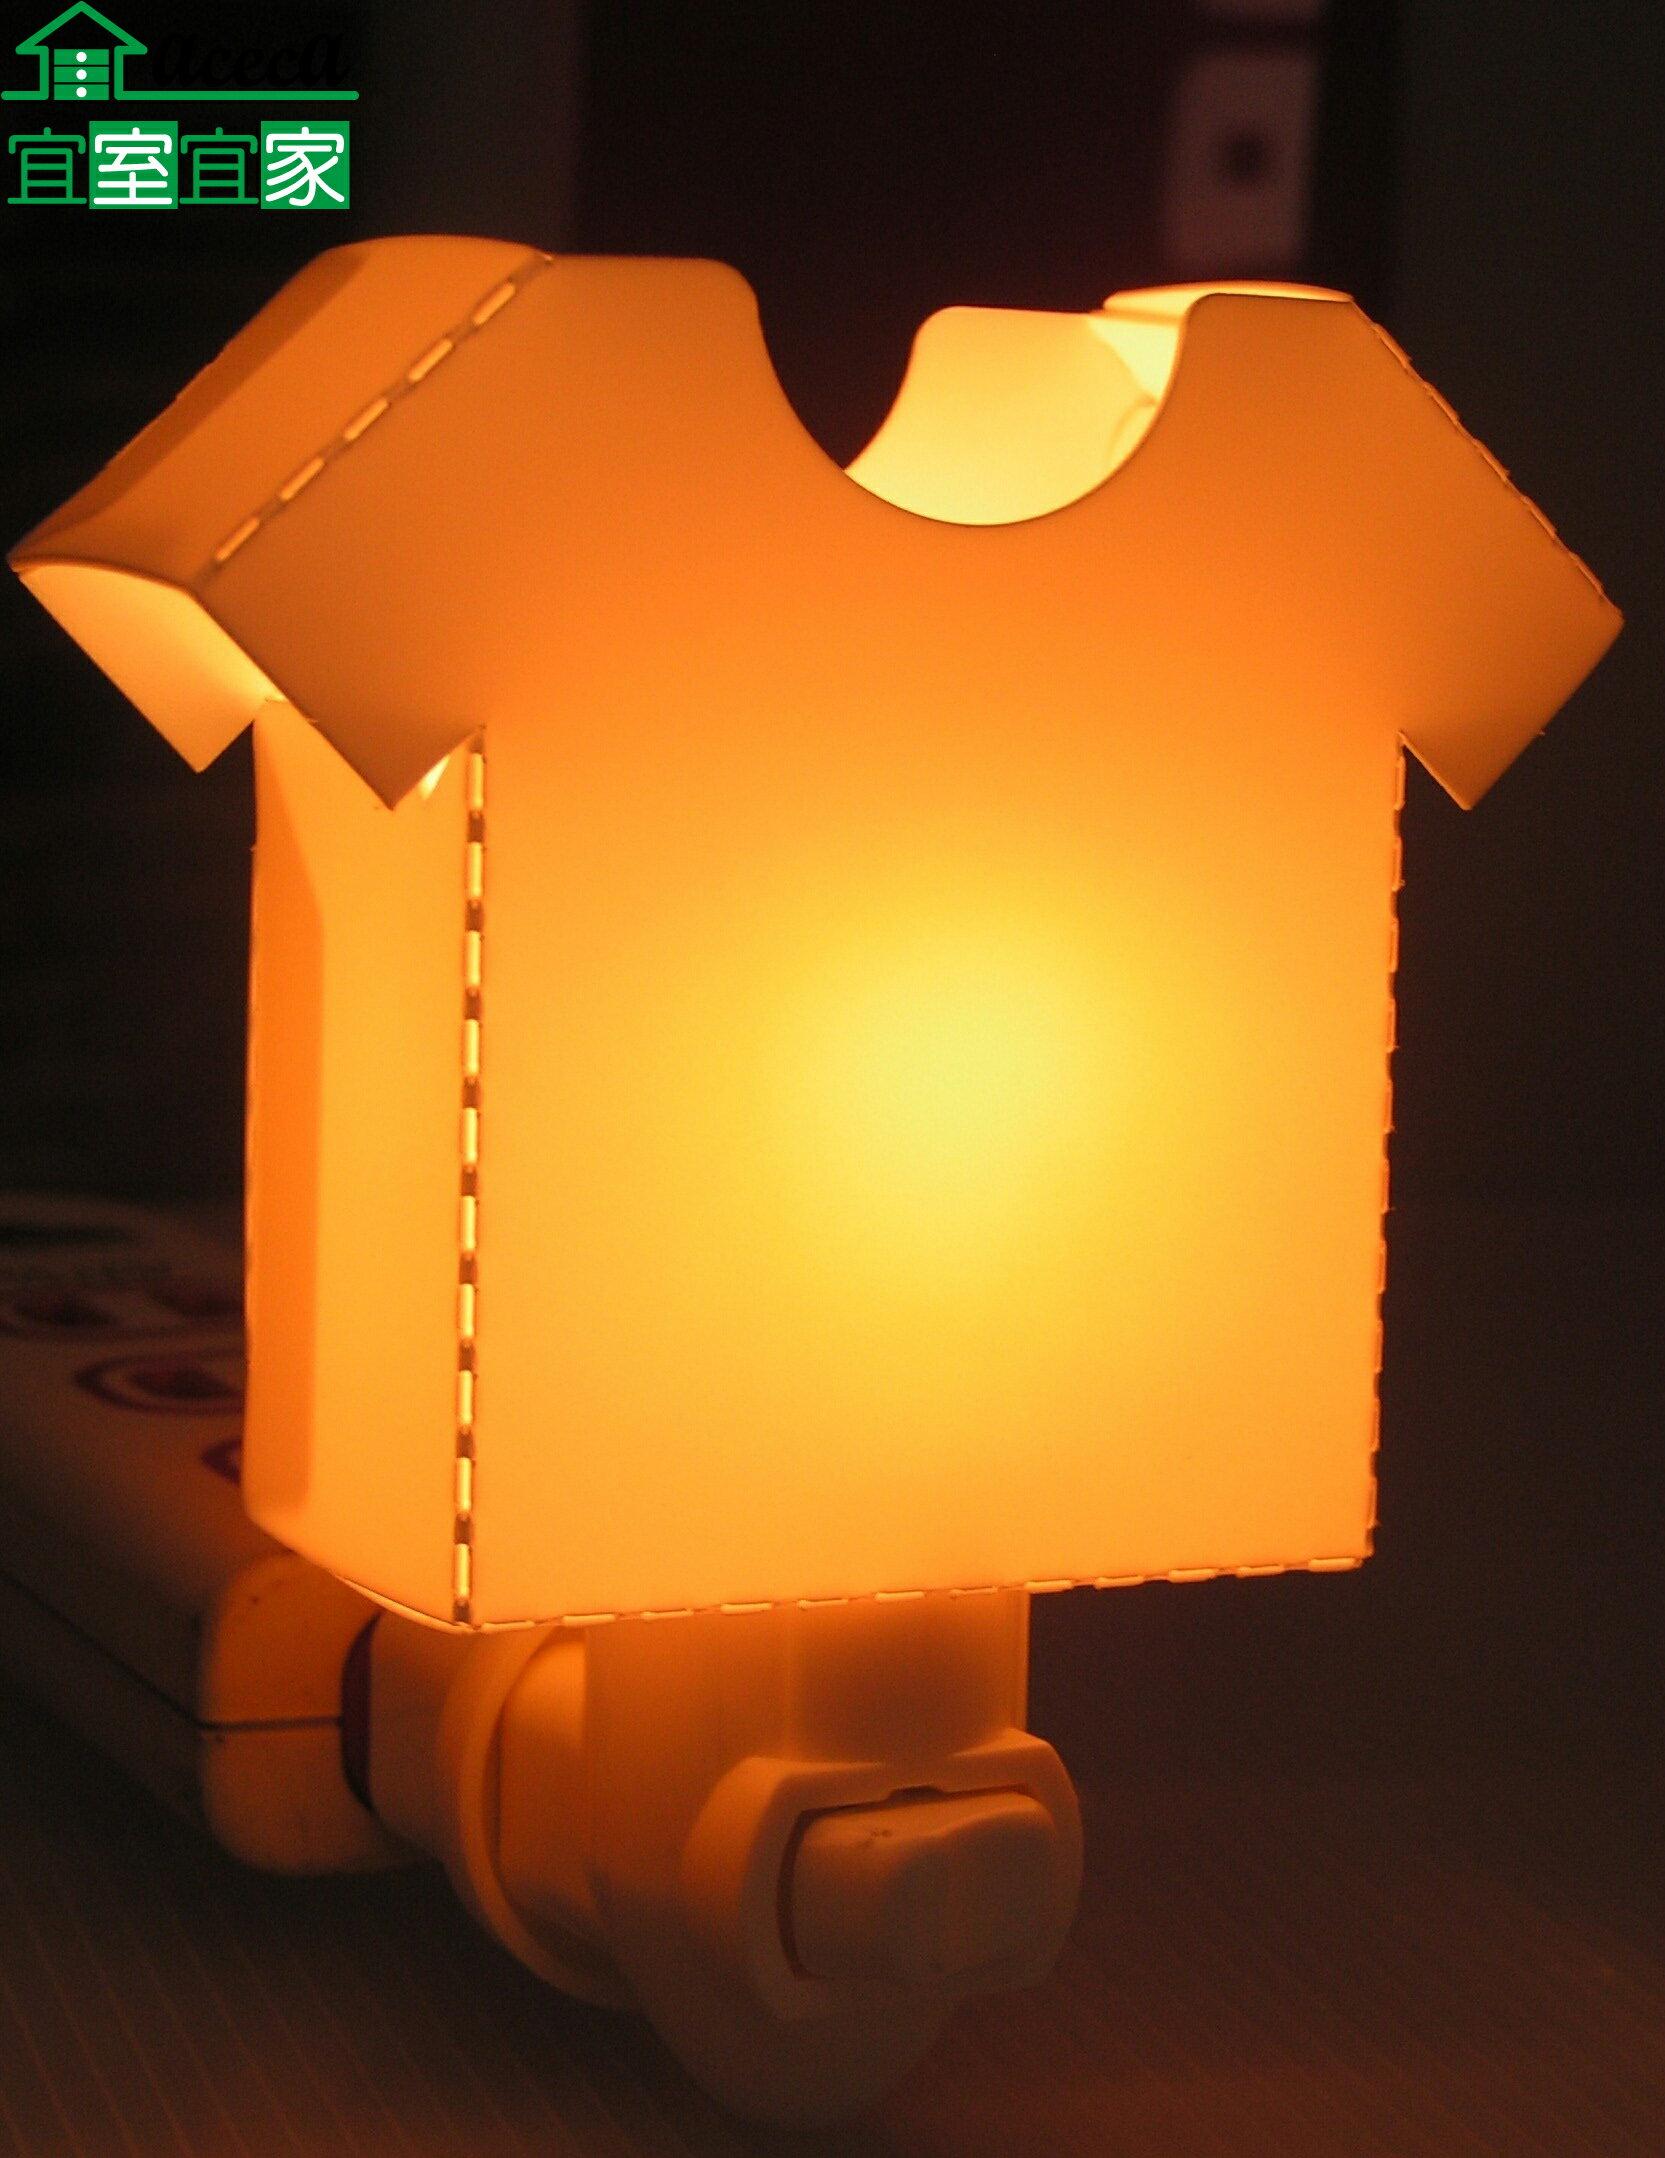 小夜燈 床頭燈 創意 造型 浪漫 夜生活 送禮 MIT 台灣製 小衣裳造型【宜室宜家CYF06W】